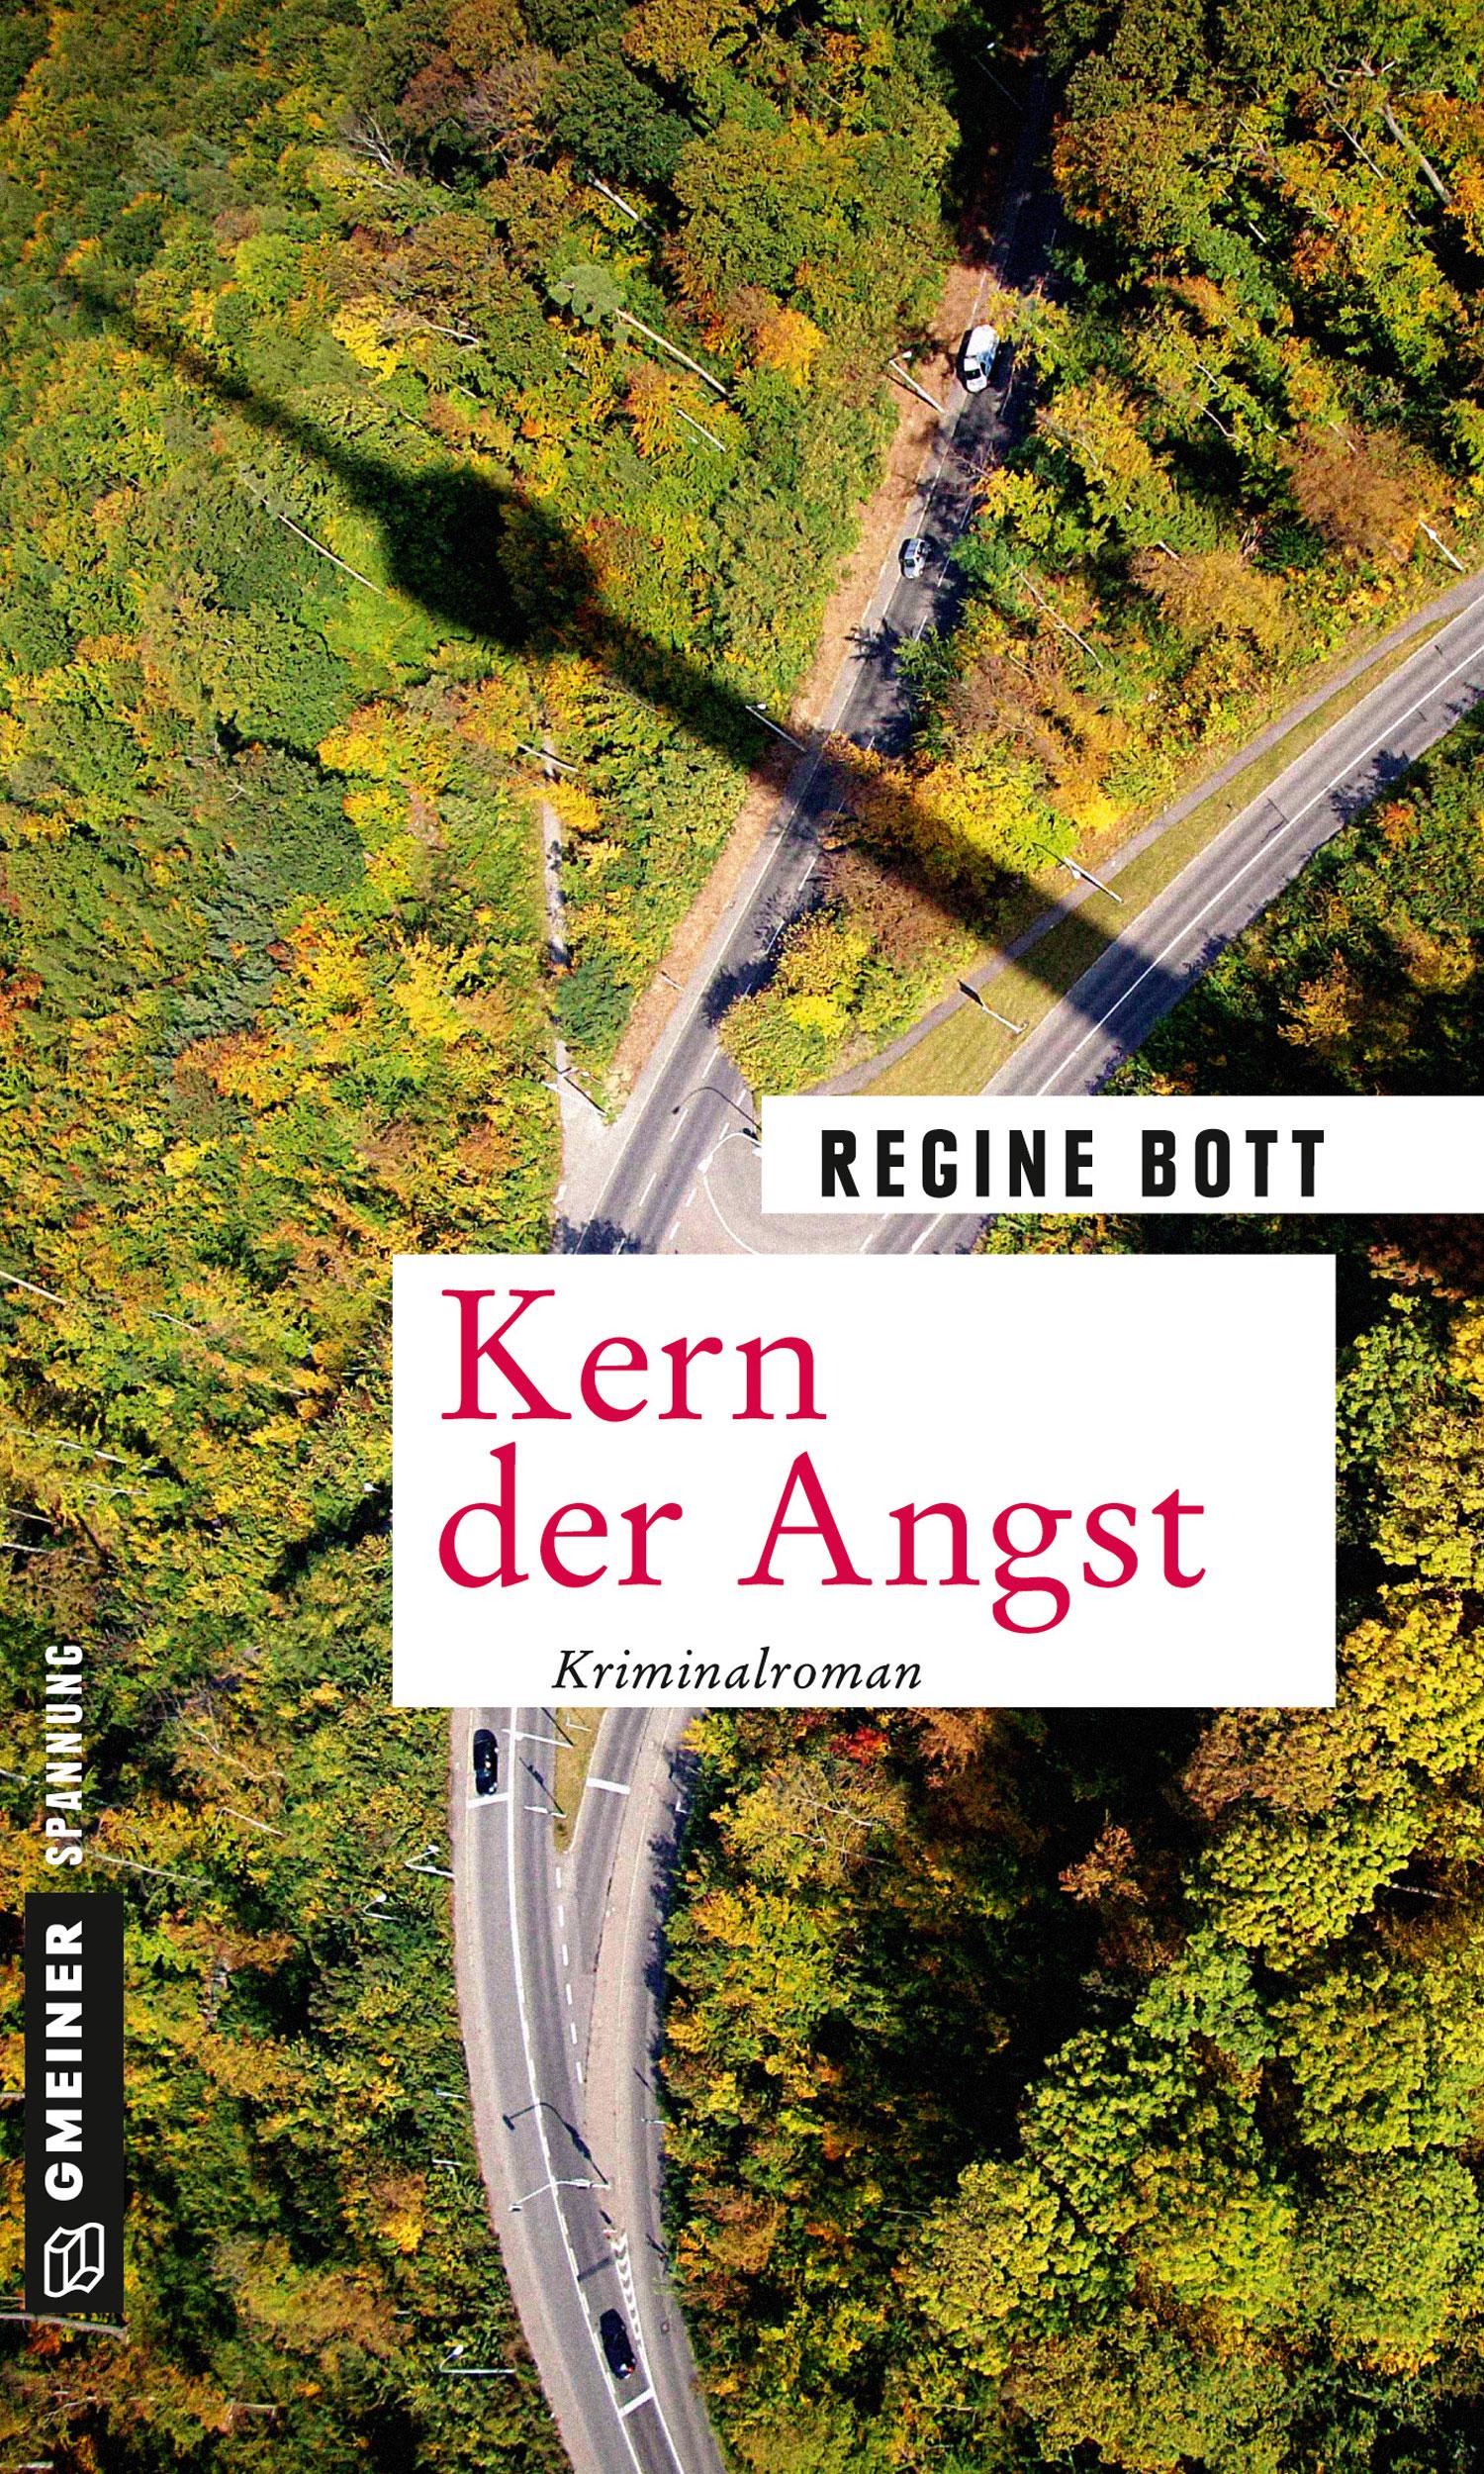 bott_regine_kern_der_angst_phantastik-autoren-netzwerk.jpg